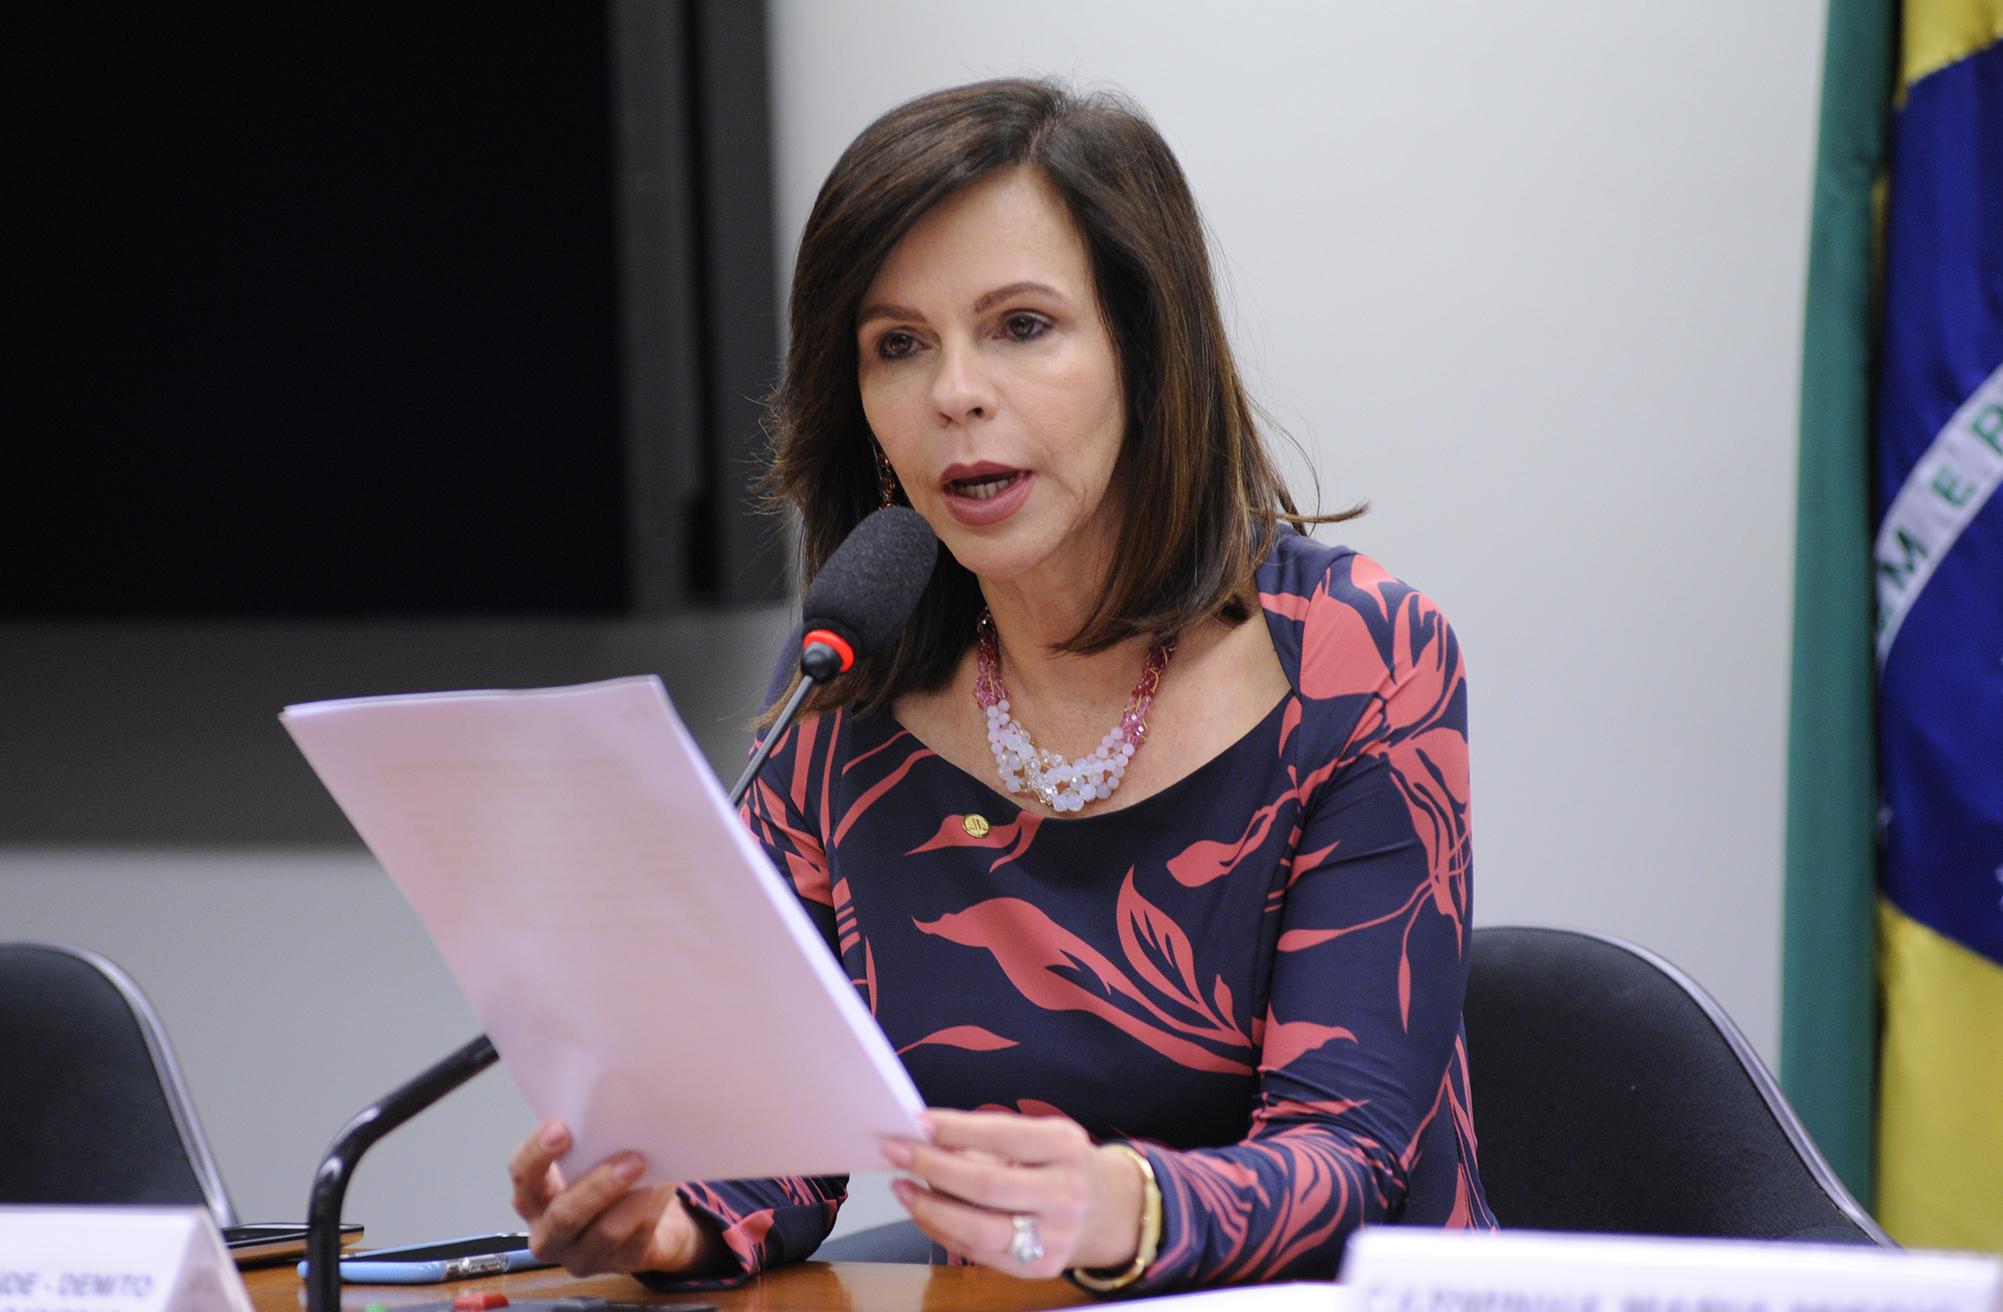 Audiência pública sobre os entraves na negociação de dívidas e o acesso ao crédito agrícola por parte dos produtores rurais.  Dep. Professora Dorinha Seabra Resende (DEM-TO)